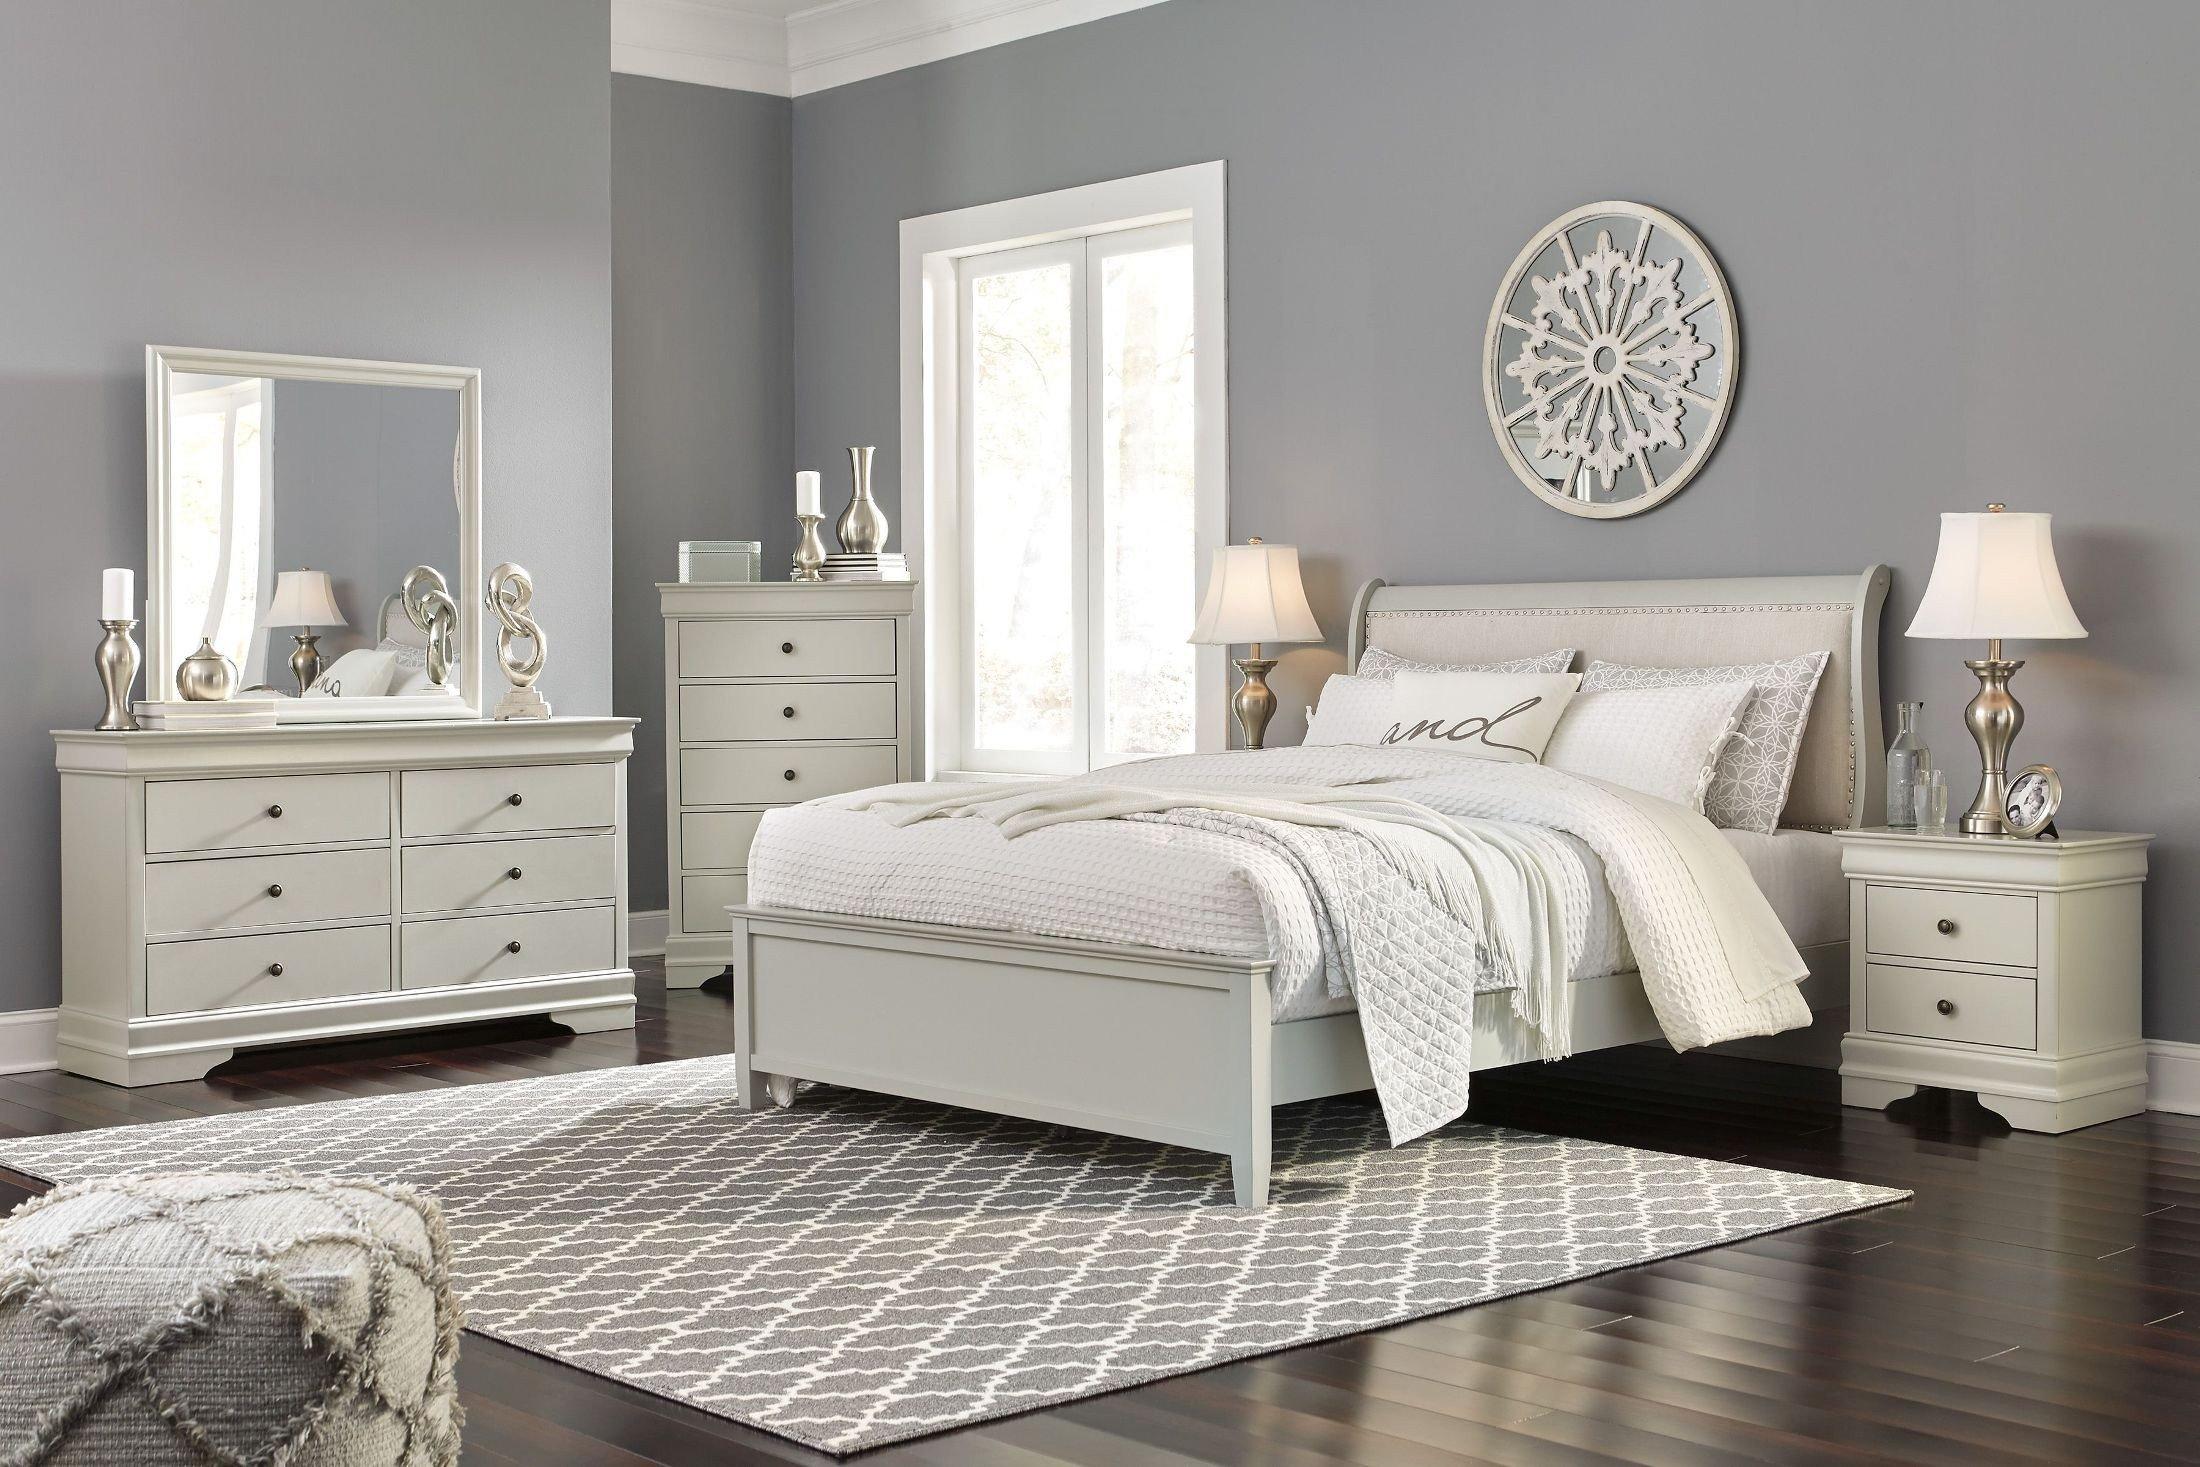 Ashley Furniture Full Size Bedroom Set Luxury Jorstad Gray King Upholstered Sleigh Bed